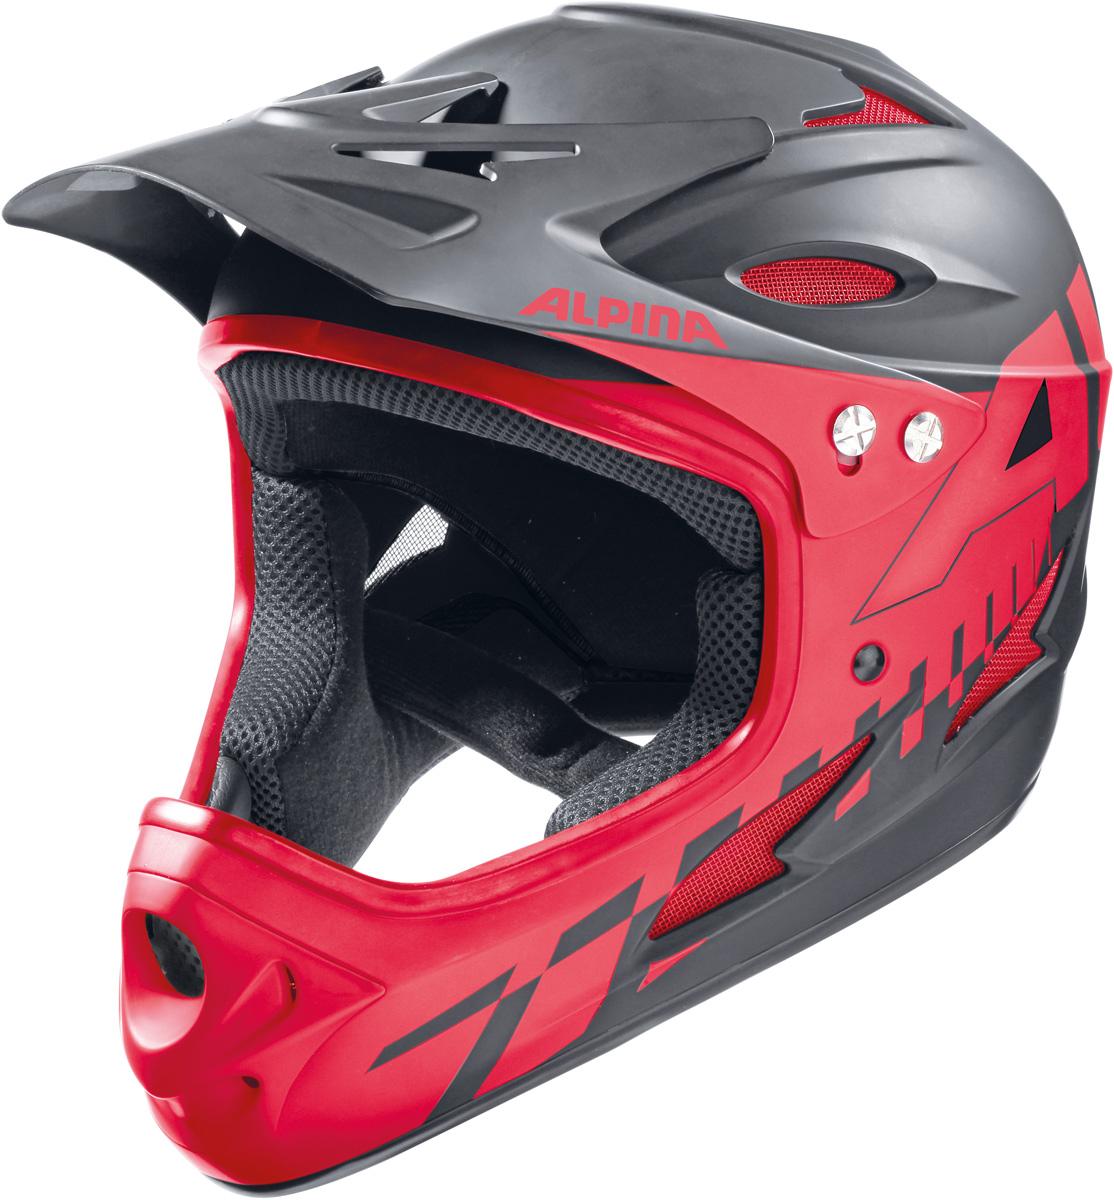 Шлем горнолыжный Alpina Fullface, цвет: черный, красный. A9689_32. Размер 57-58A9689_32Шлем-фуллфейс удовлетворит самые требовательные пожелания относительно защиты лица и головы. Alpina Fullface сертифицирован сразу по двум EN-стандартам: как горнолыжный (EN-1077), и как велосипедный шлем для экстремальных дисциплин (EN-1078). Модель Alpina Fullface является одной из самых лёгких в своём классе - средний вес шлема составляет всего 970 грамм!Характеристики:- Шлем имеет максимально надёжную и долговечную Hardshell конструкцию - предварительно отлитая оболочка из ударопрочного пластика ABS прочно соединена с внутренней оболочкой из вспененного полистирола- Вентиляционные отверстия препятствуют перегреву и позволяют поддерживать идеальную температуру внутри шлема. Для этого инженеры Alpina используют эффект Вентури, чтобы сделать циркуляцию воздуха постоянной и максимально эффективной- Регулируемый козырёк- Вентиляционные отверстия в передней части шлема снабжены противосмоскитной сеткой- Вместо фастекса на ремешке используется красная кнопка с автоматическим запирающим механизмом, которую легко использовать даже в лыжных перчатках. Механизм защищён от произвольного раскрытия при падении